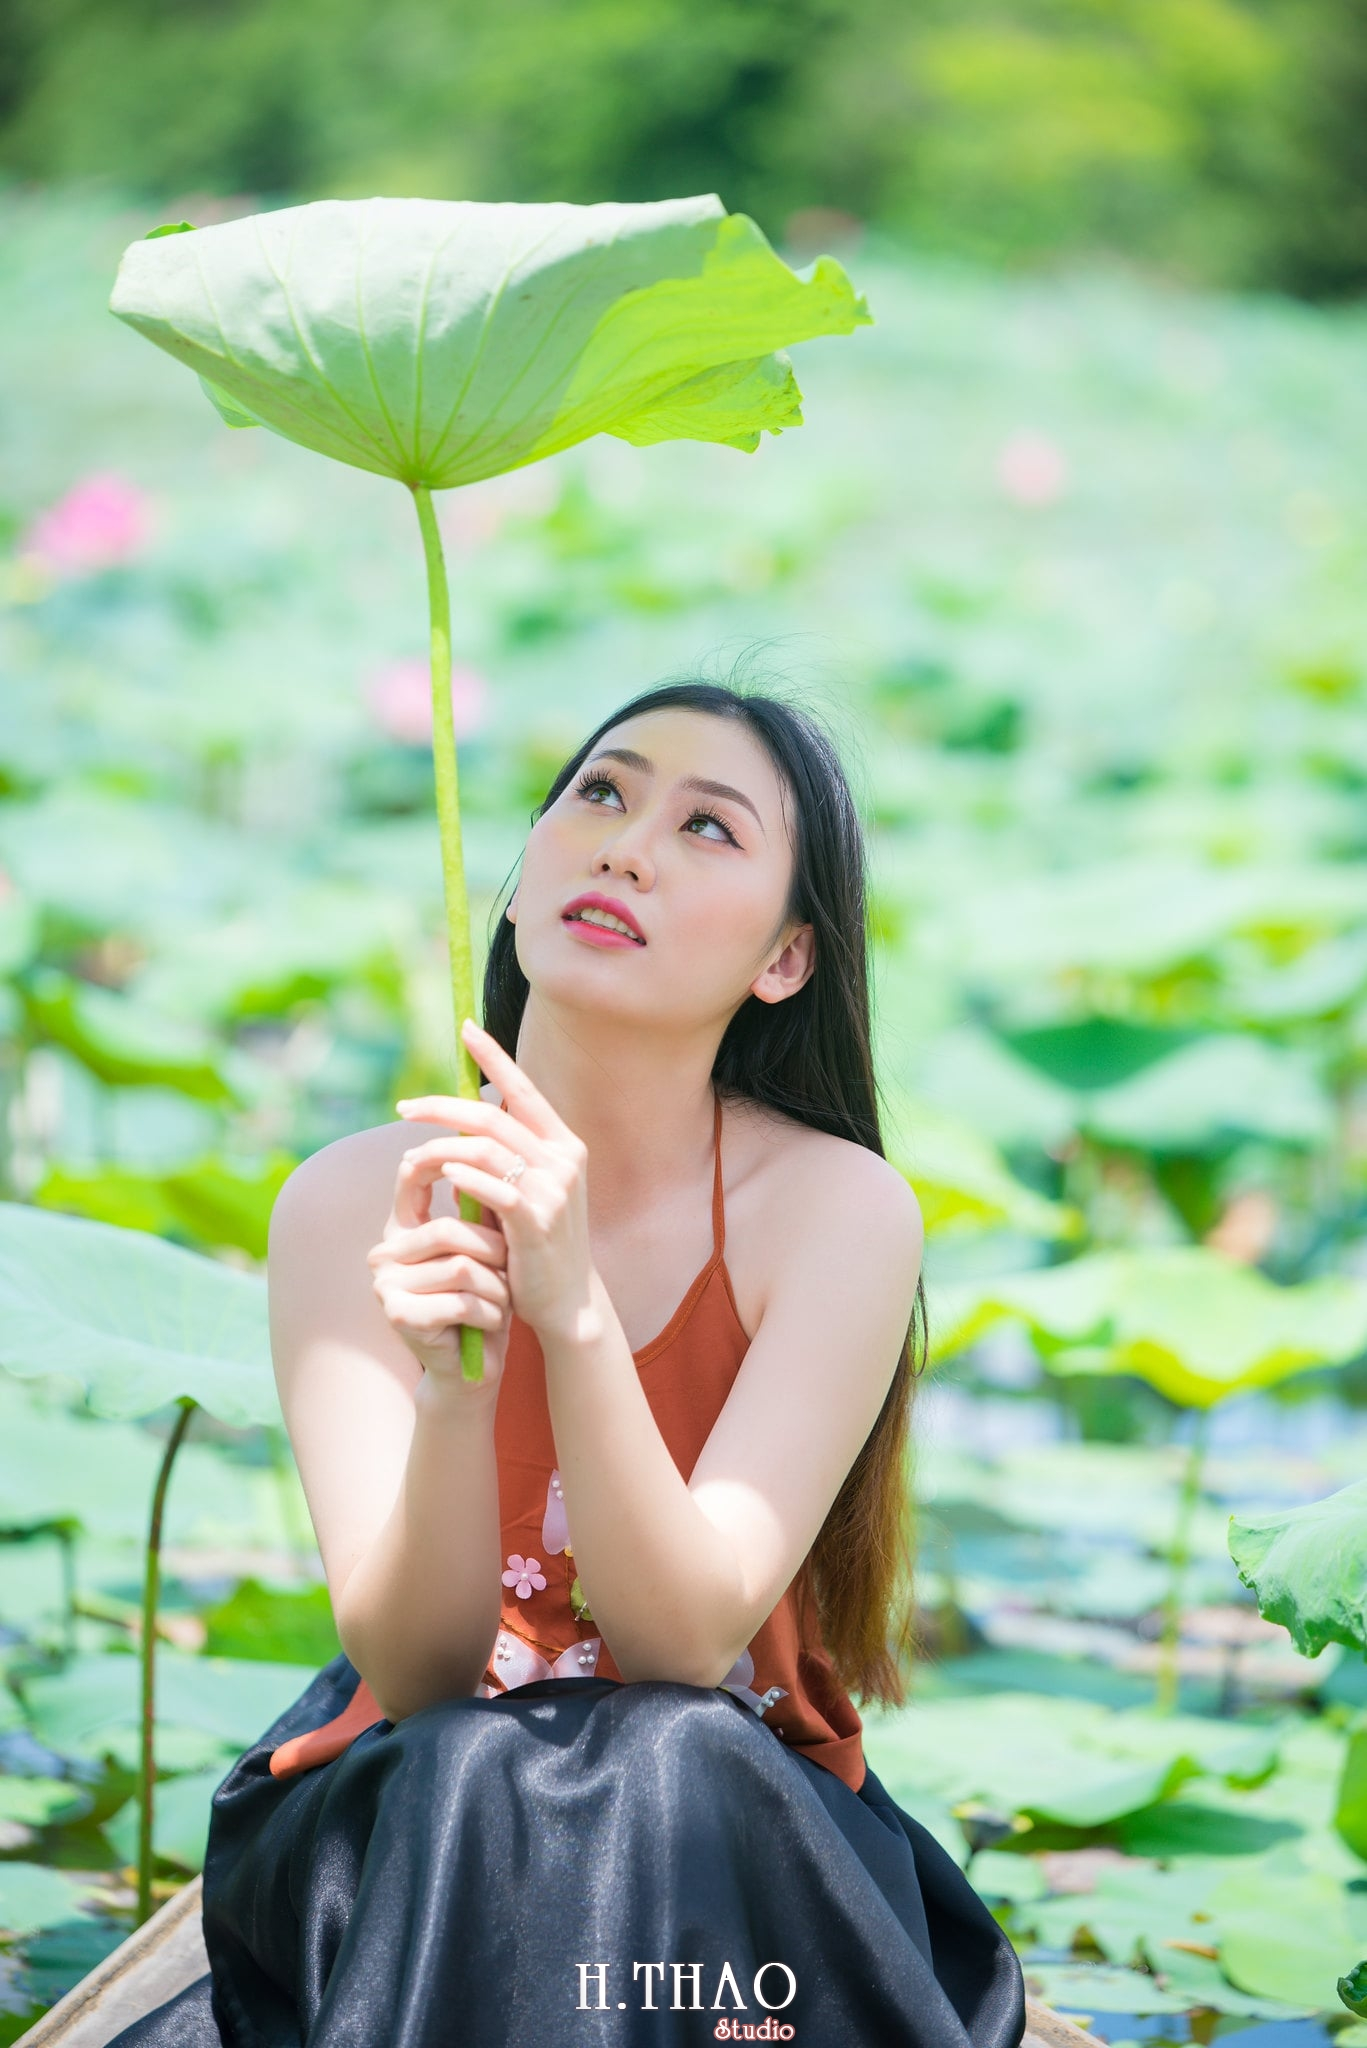 ao yem hoa sen 15 - Album ảnh chụp áo yếm với hoa sen đẹp dịu dàng - HThao Studio